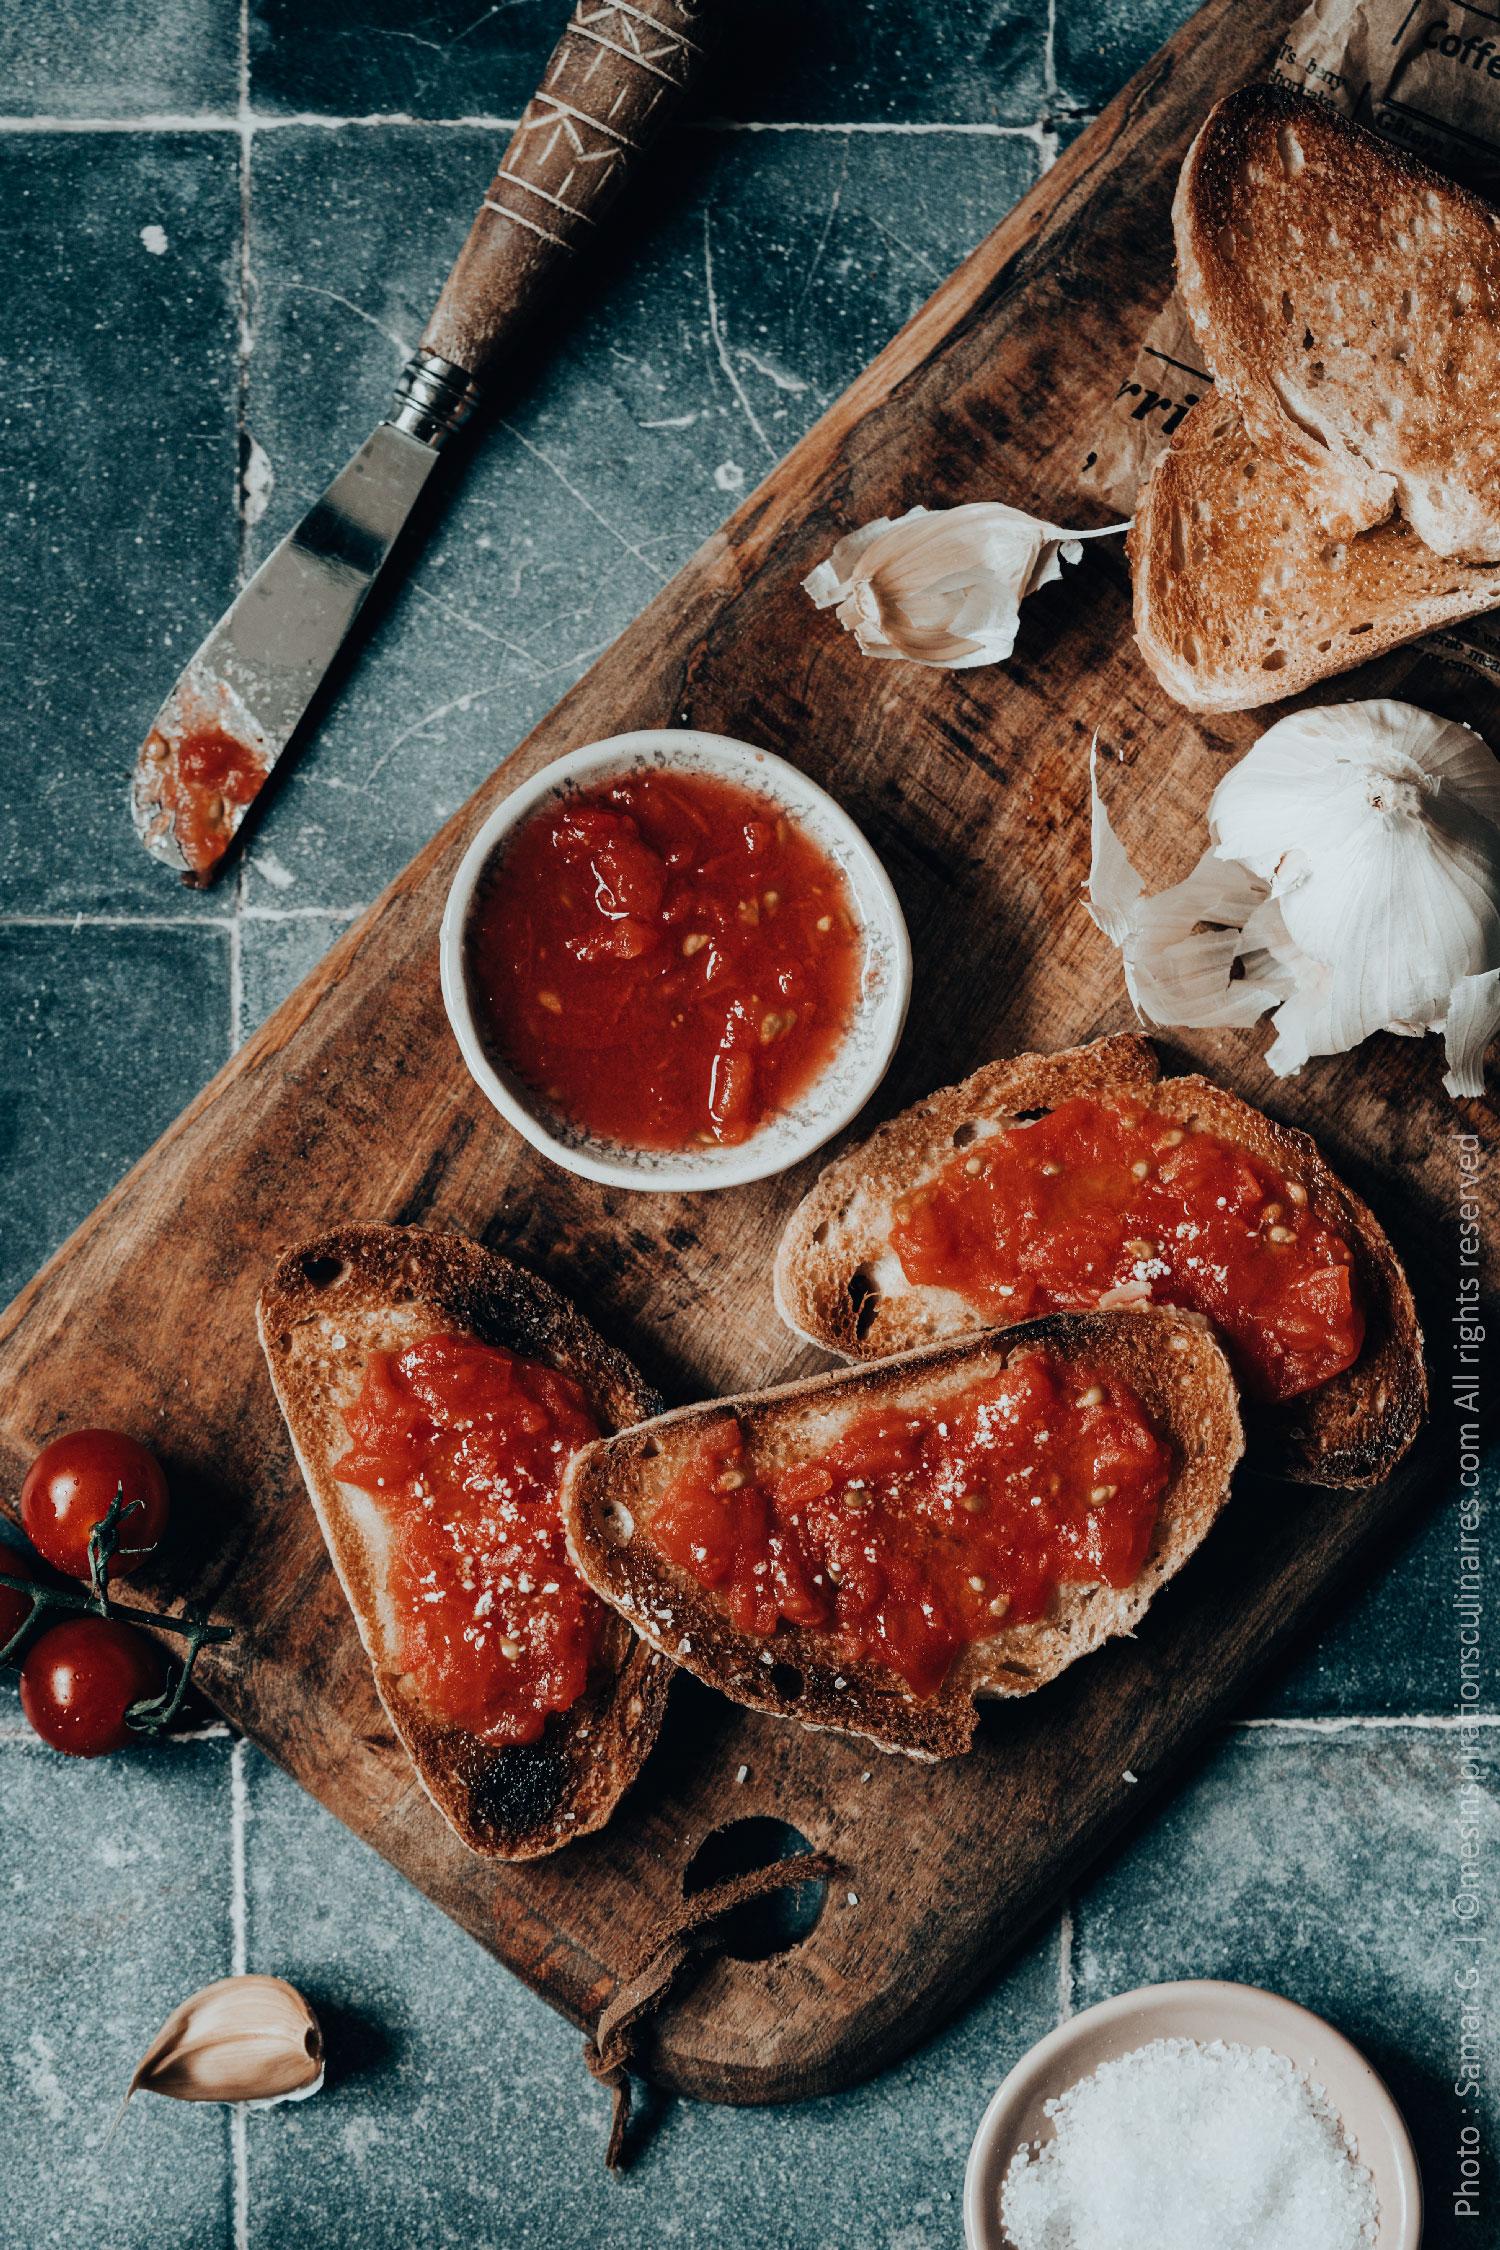 Pan con aux tomates, recette Catalane (idée Tapas)